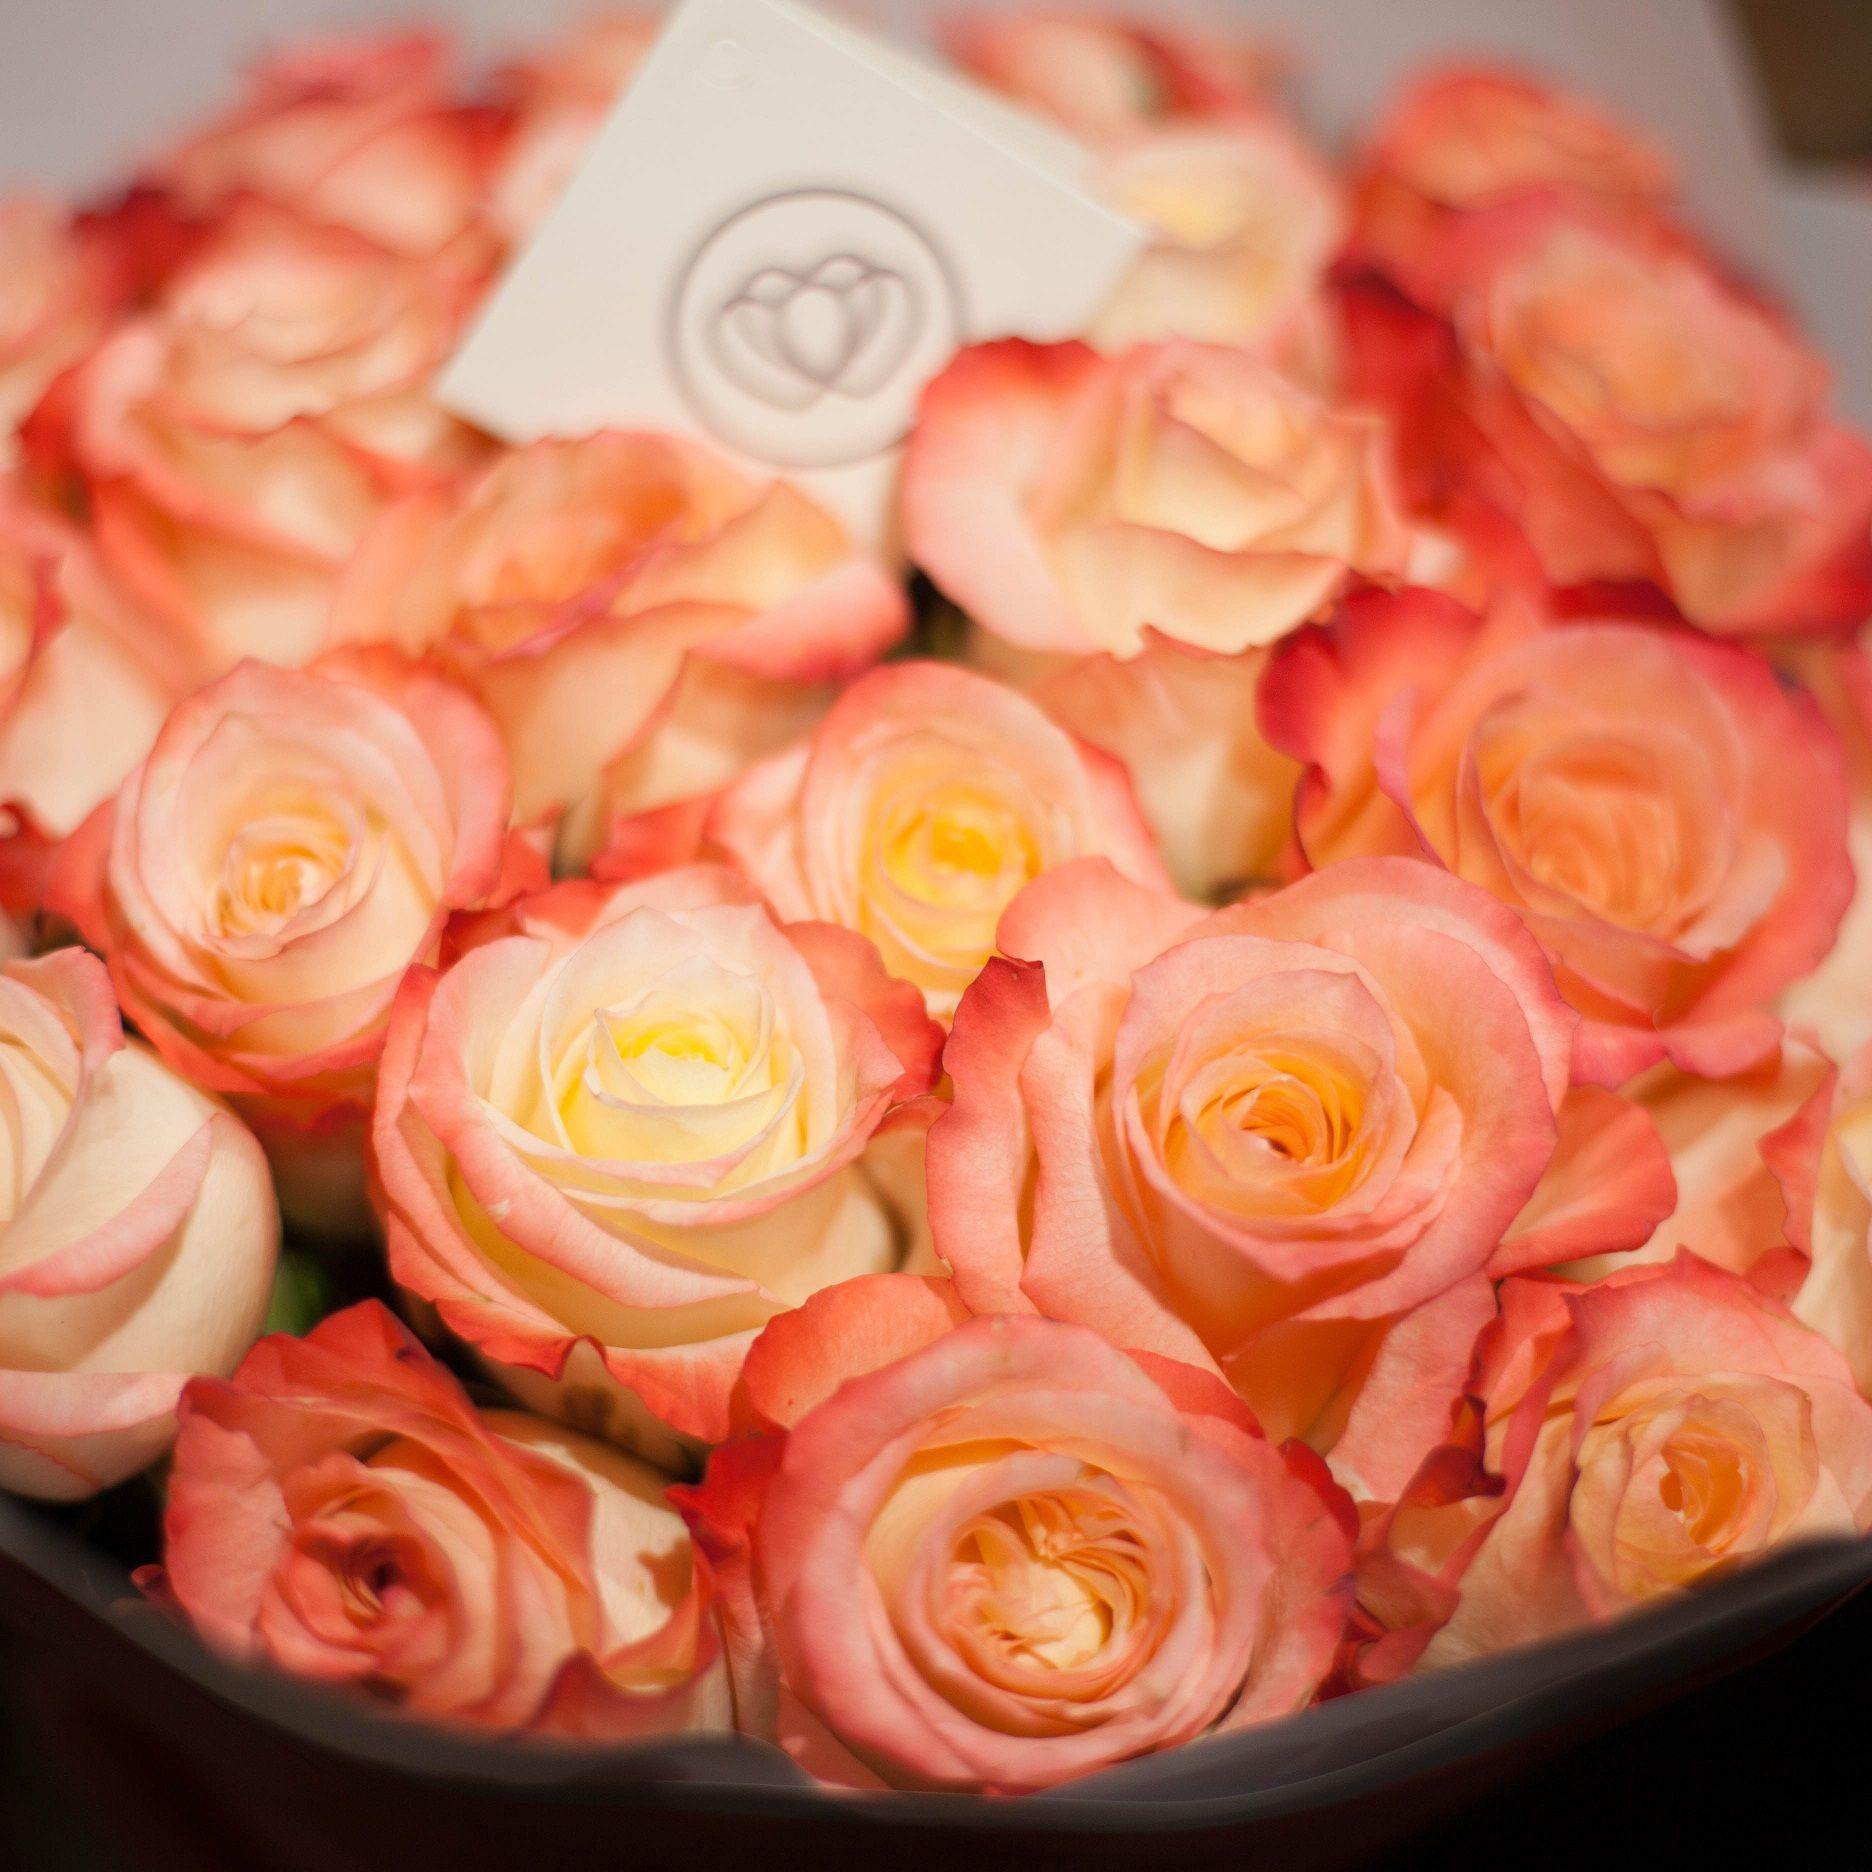 Кремовые с красной каймой розы Cabaret 70 см опт фото